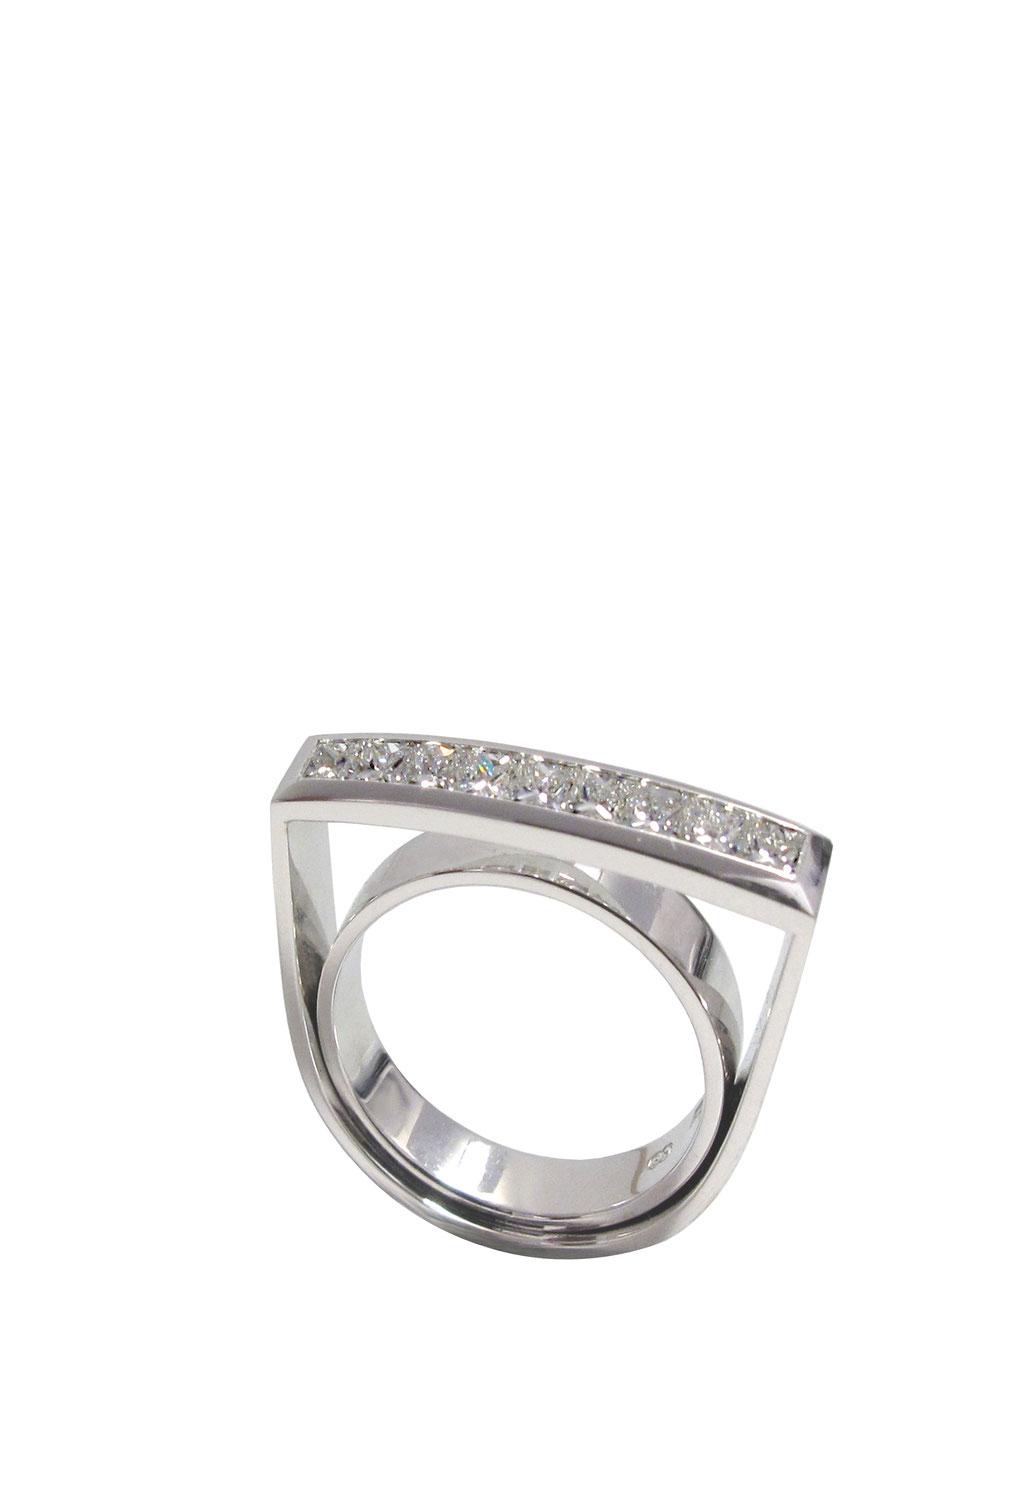 Diamantring 1,05 carat Diamanten im Prinzessschliff, 18 karat Weißgold, 5.300 Euro